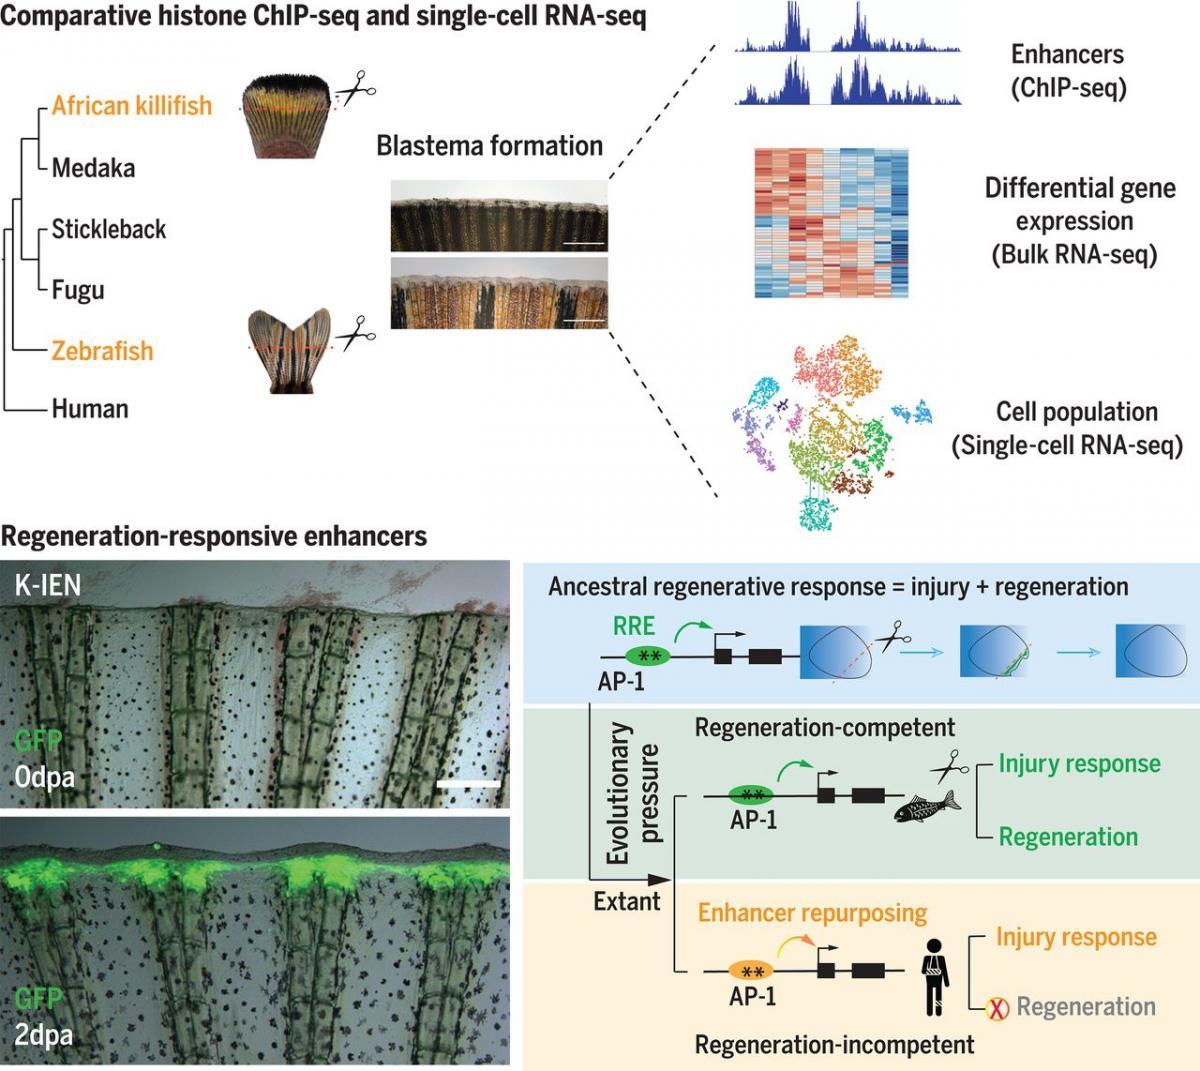 Способность к регенерацииконтролируется регуляцией соответствующих генов